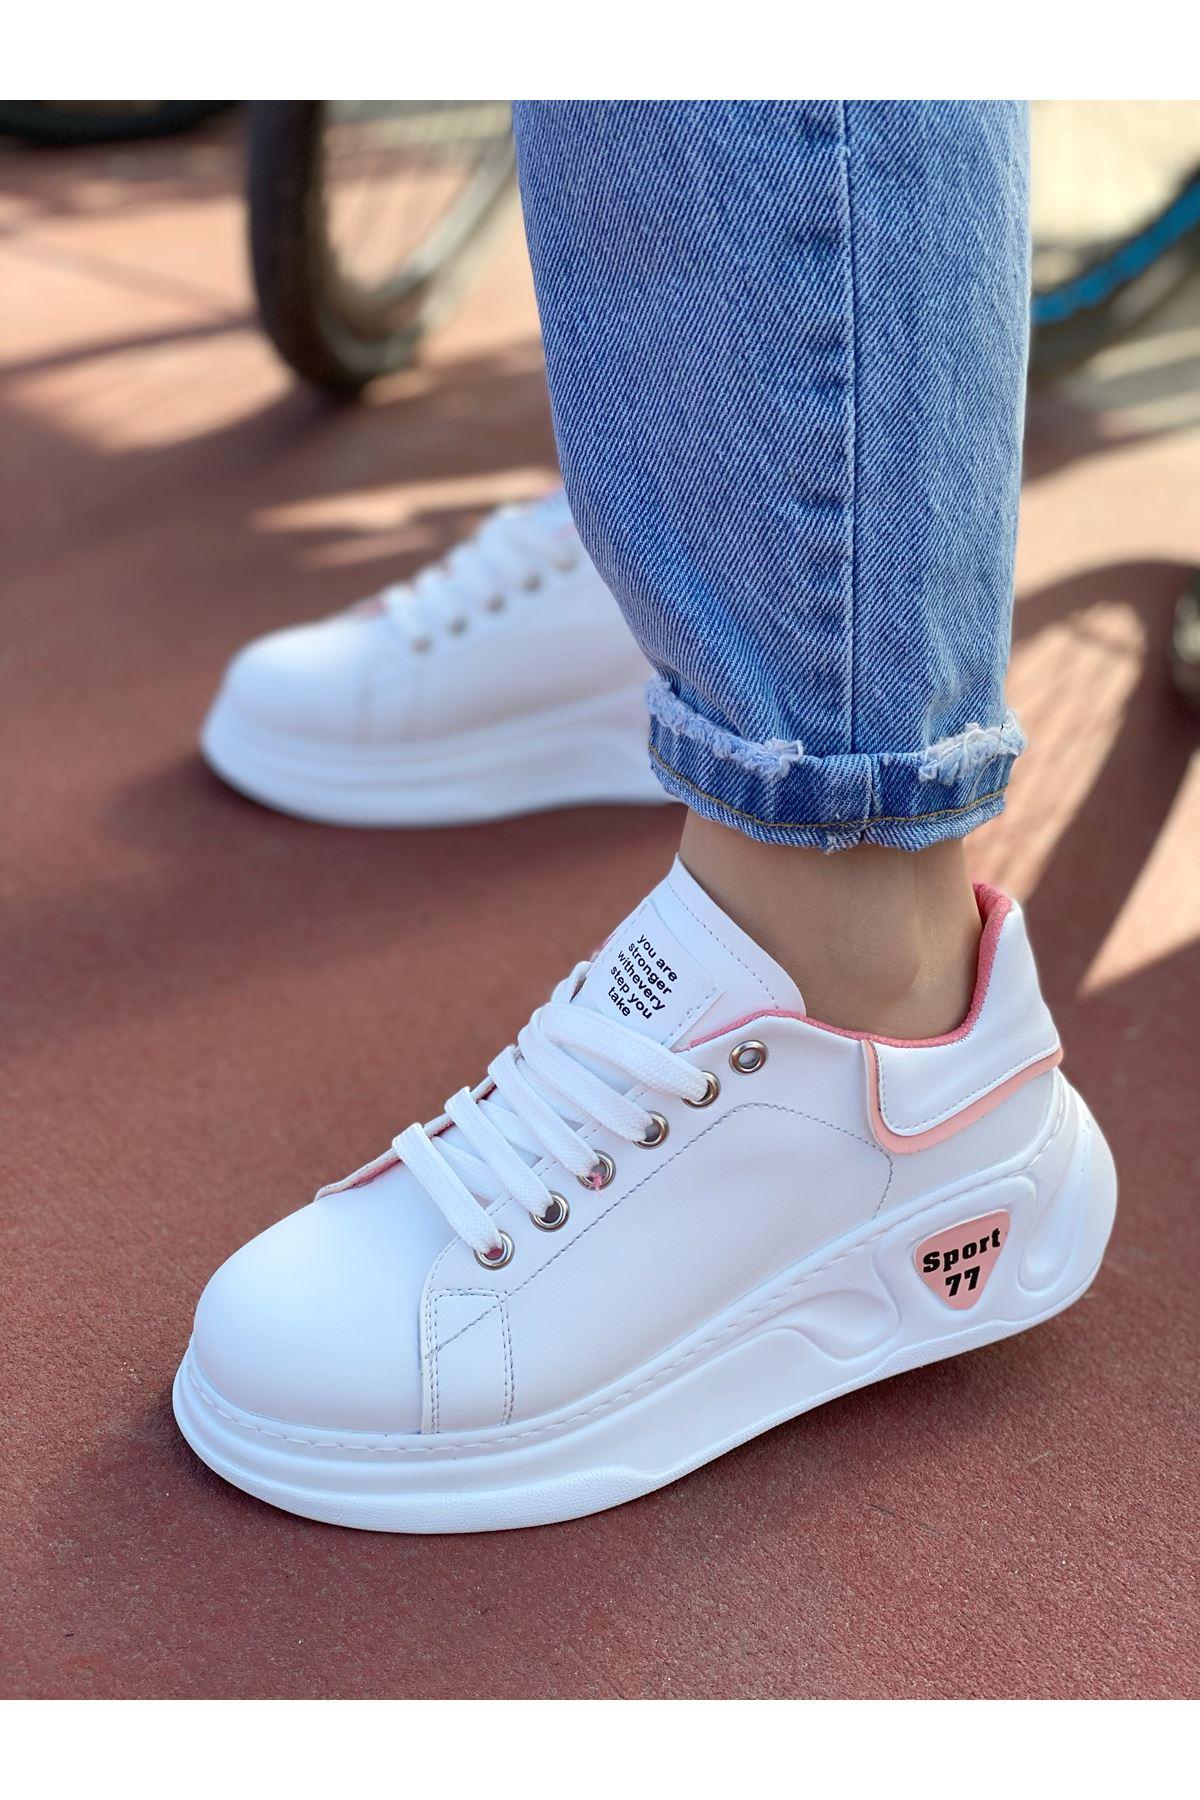 Kadın Taylor Kalın Taban Beyaz Pudra Detay Spor Ayakkabı Bağcıklı Mat Deri